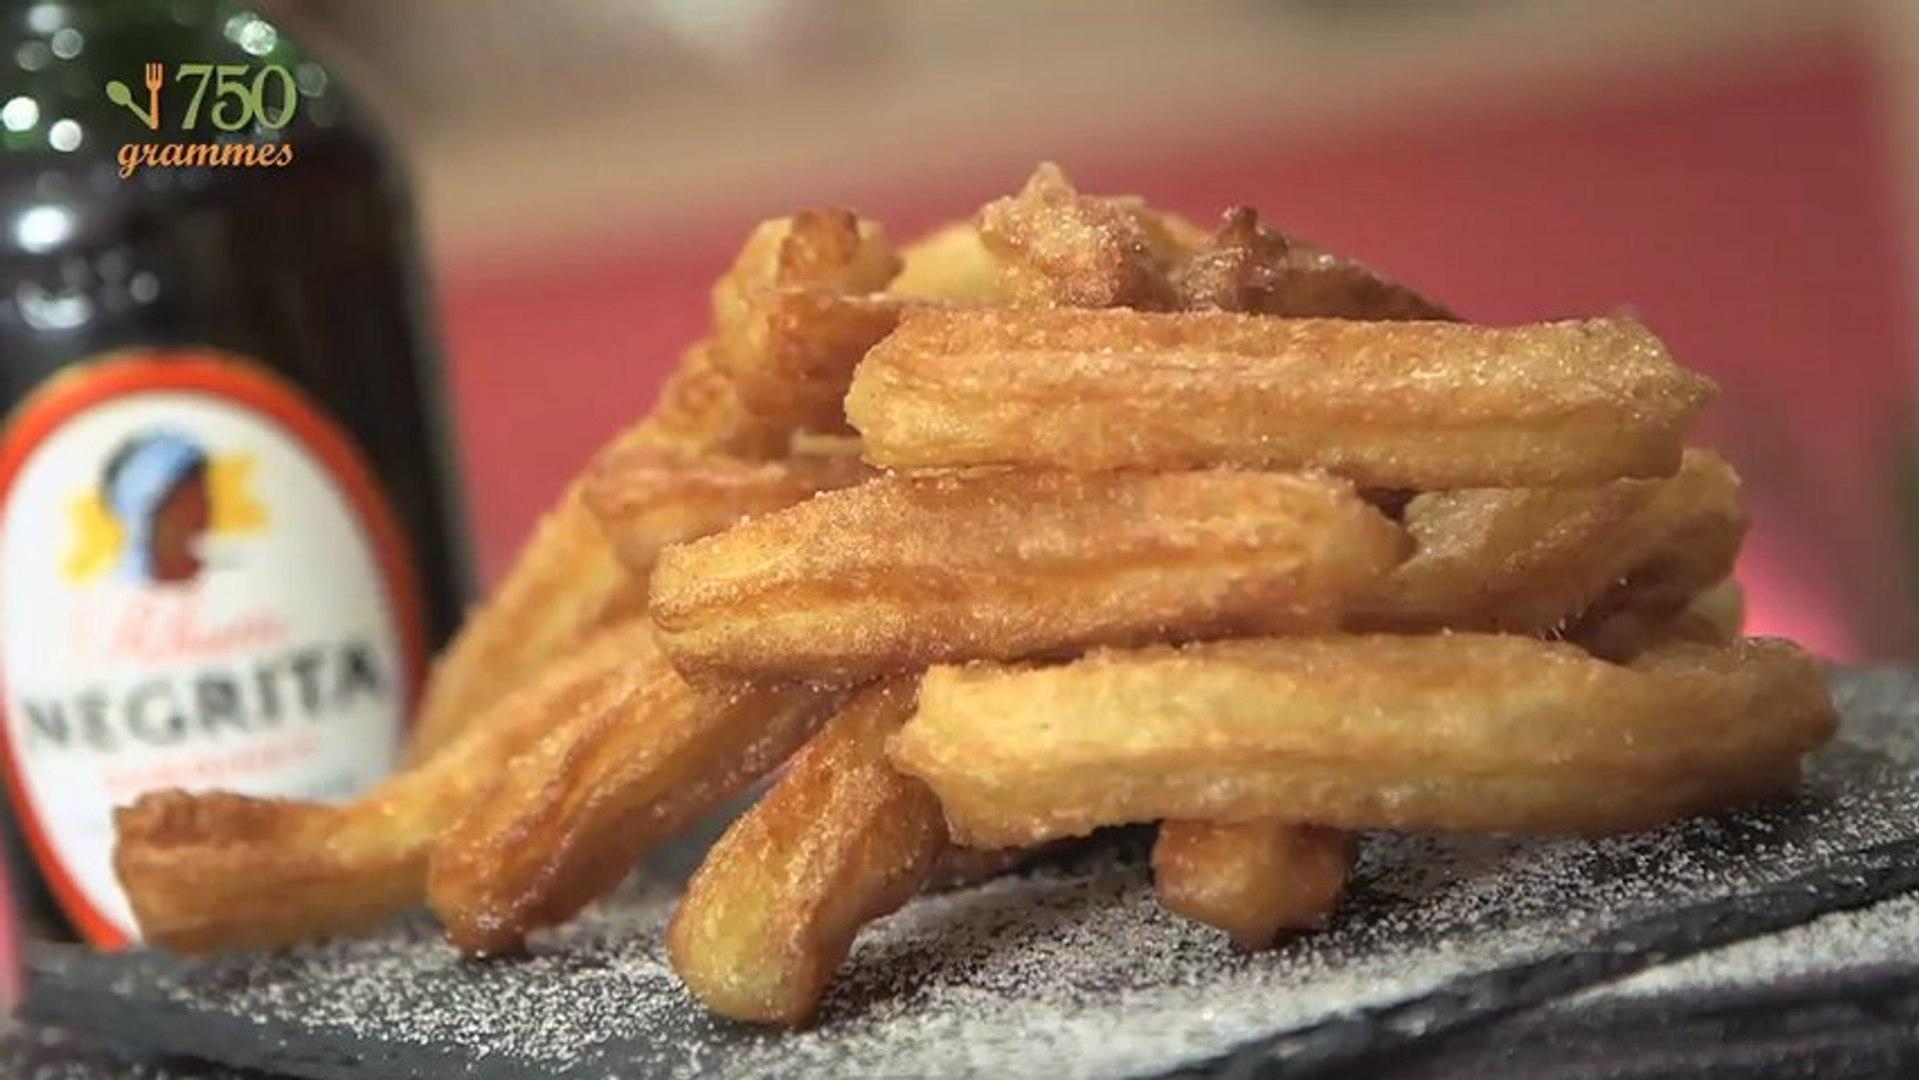 Recette Churros De Fete Foraine recette de churros - 750 grammes